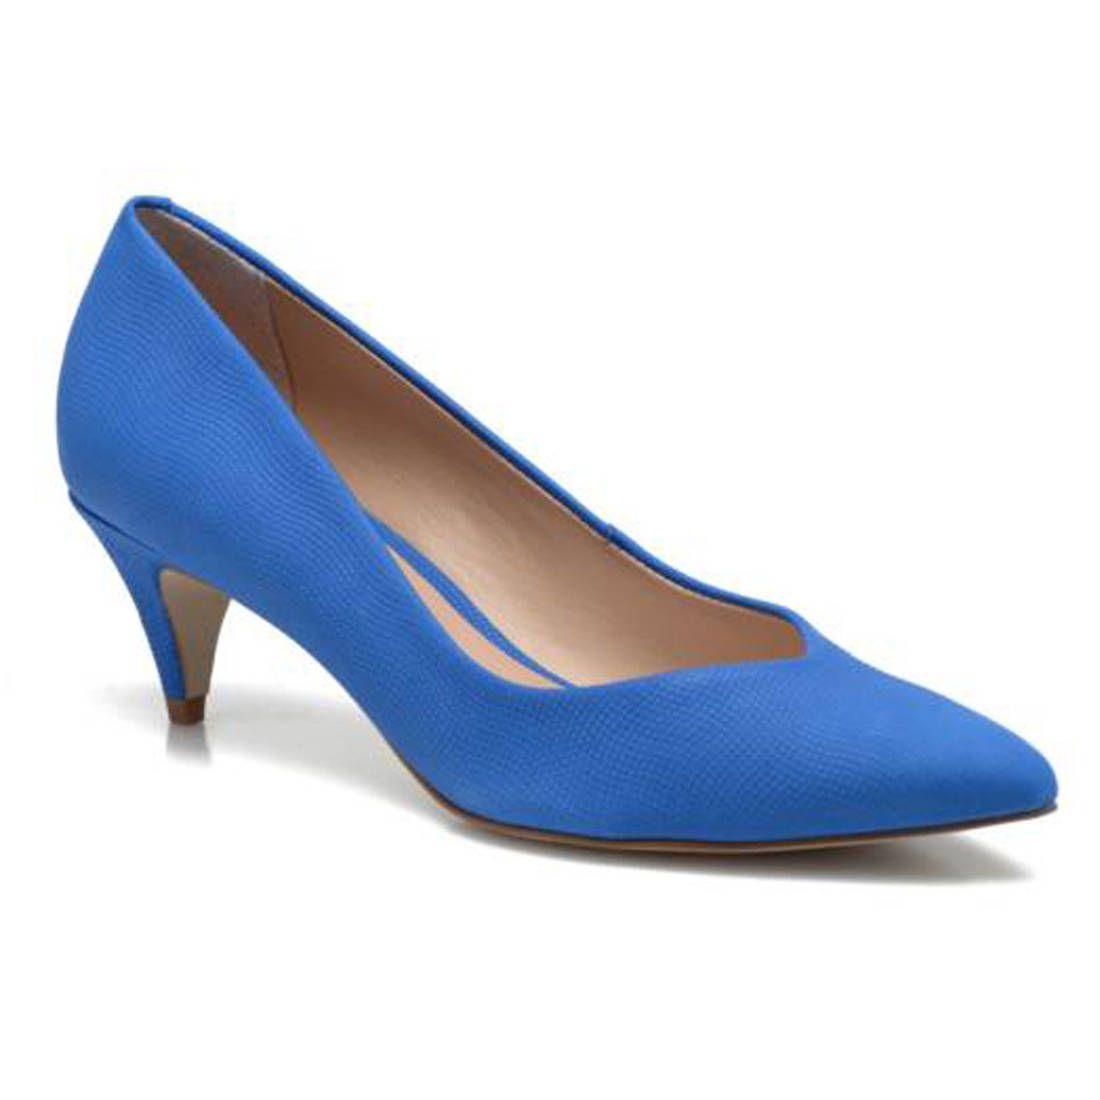 c51b445ea5c Escarpins petit talon bleus Aldo Modèle De Chaussure